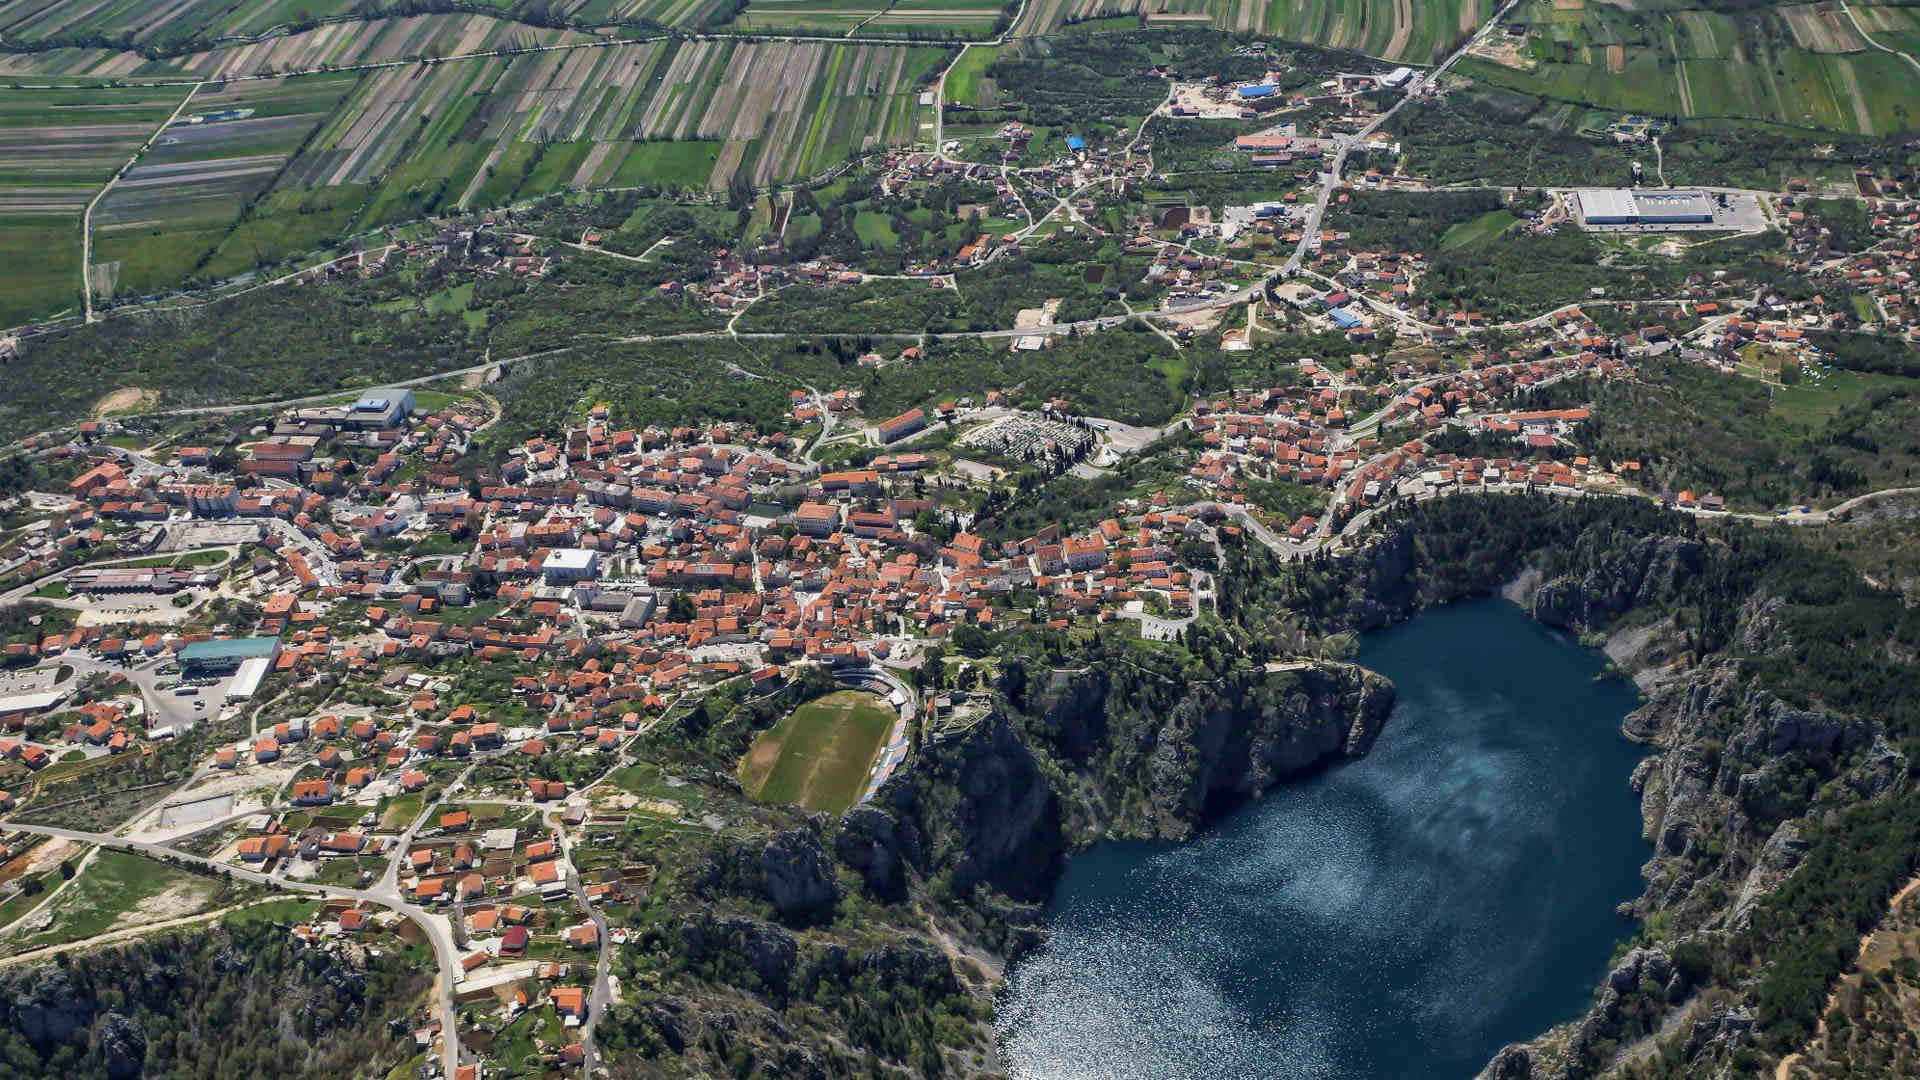 Raspisan natječaj za direktora Glavnog ureda Hrvatske turističke zajednice